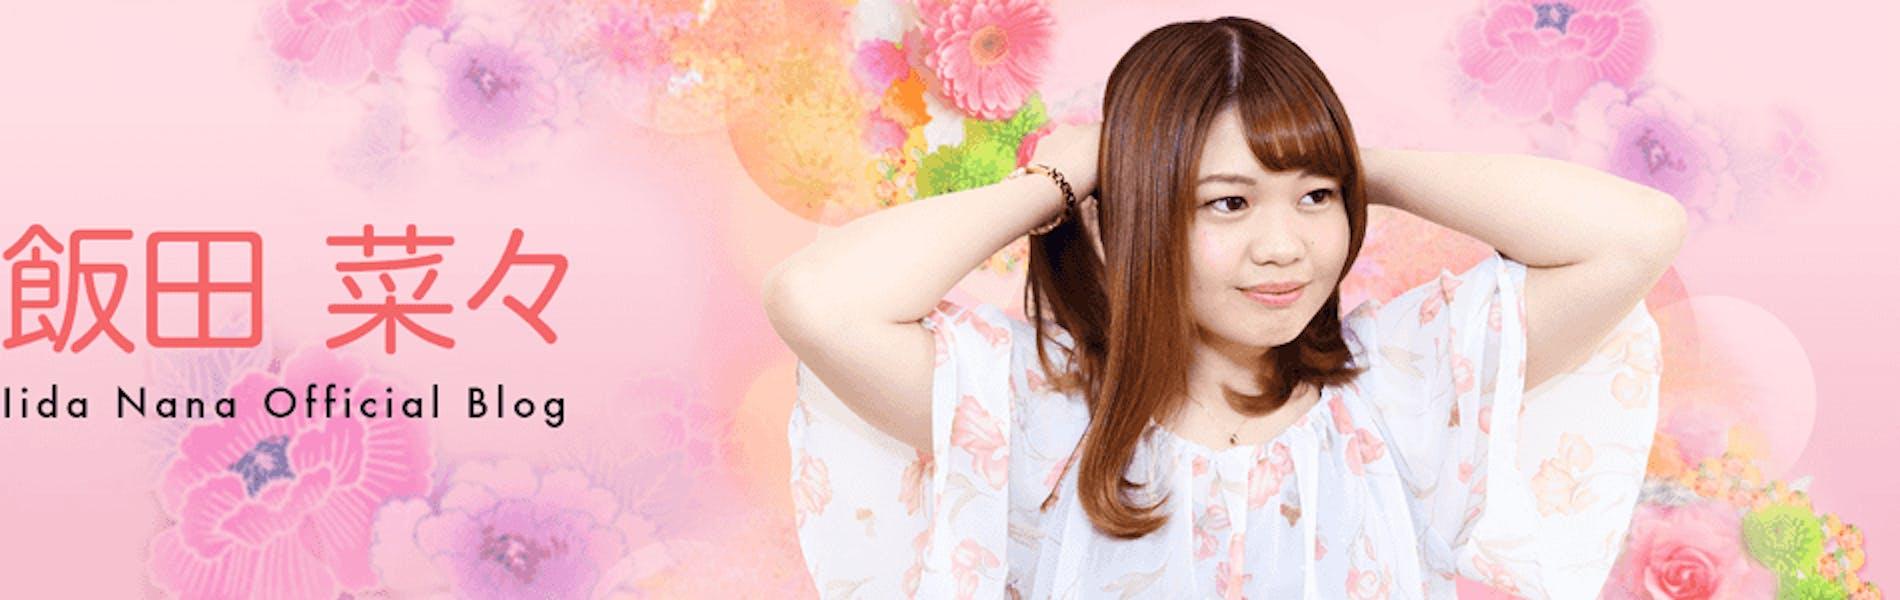 飯田菜々 オフィシャルブログ